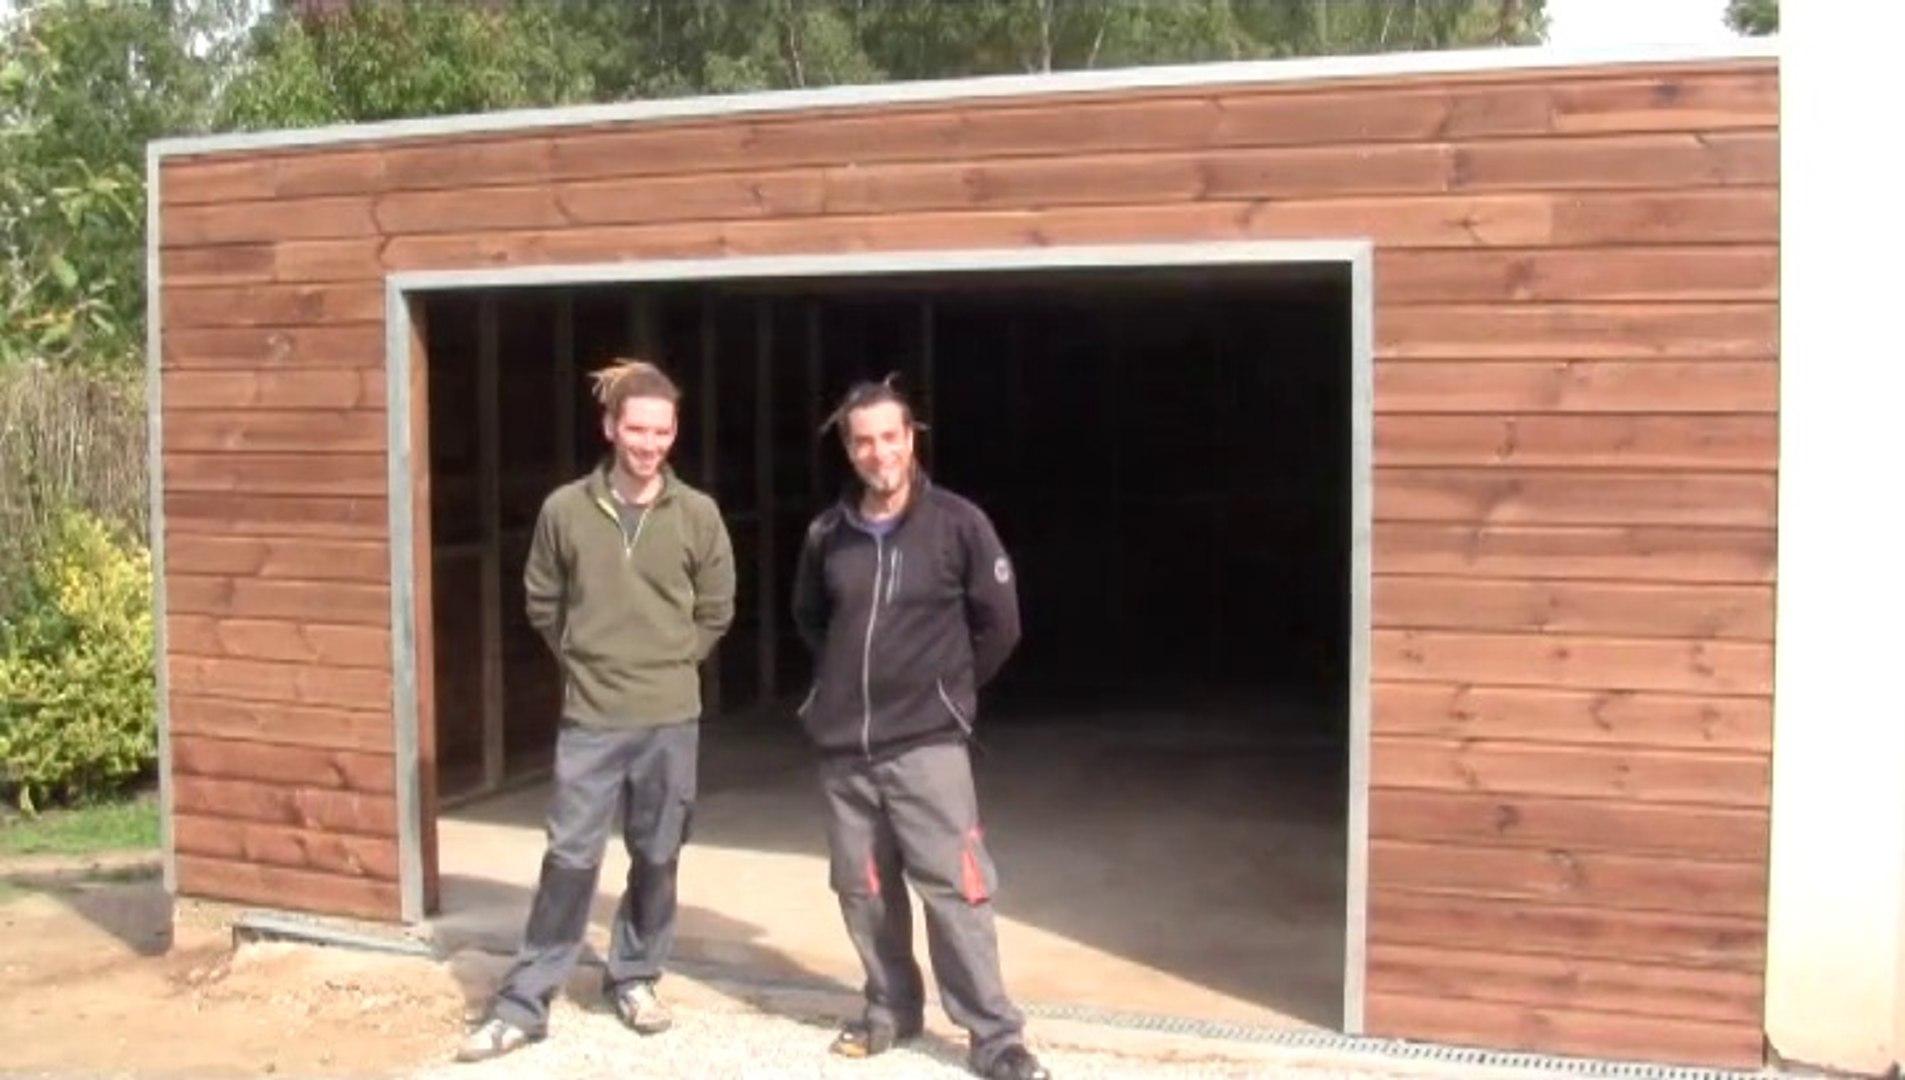 Natty Bois Garage Ossature Bois Avec Toit Plat Couverture Epdm Video Dailymotion